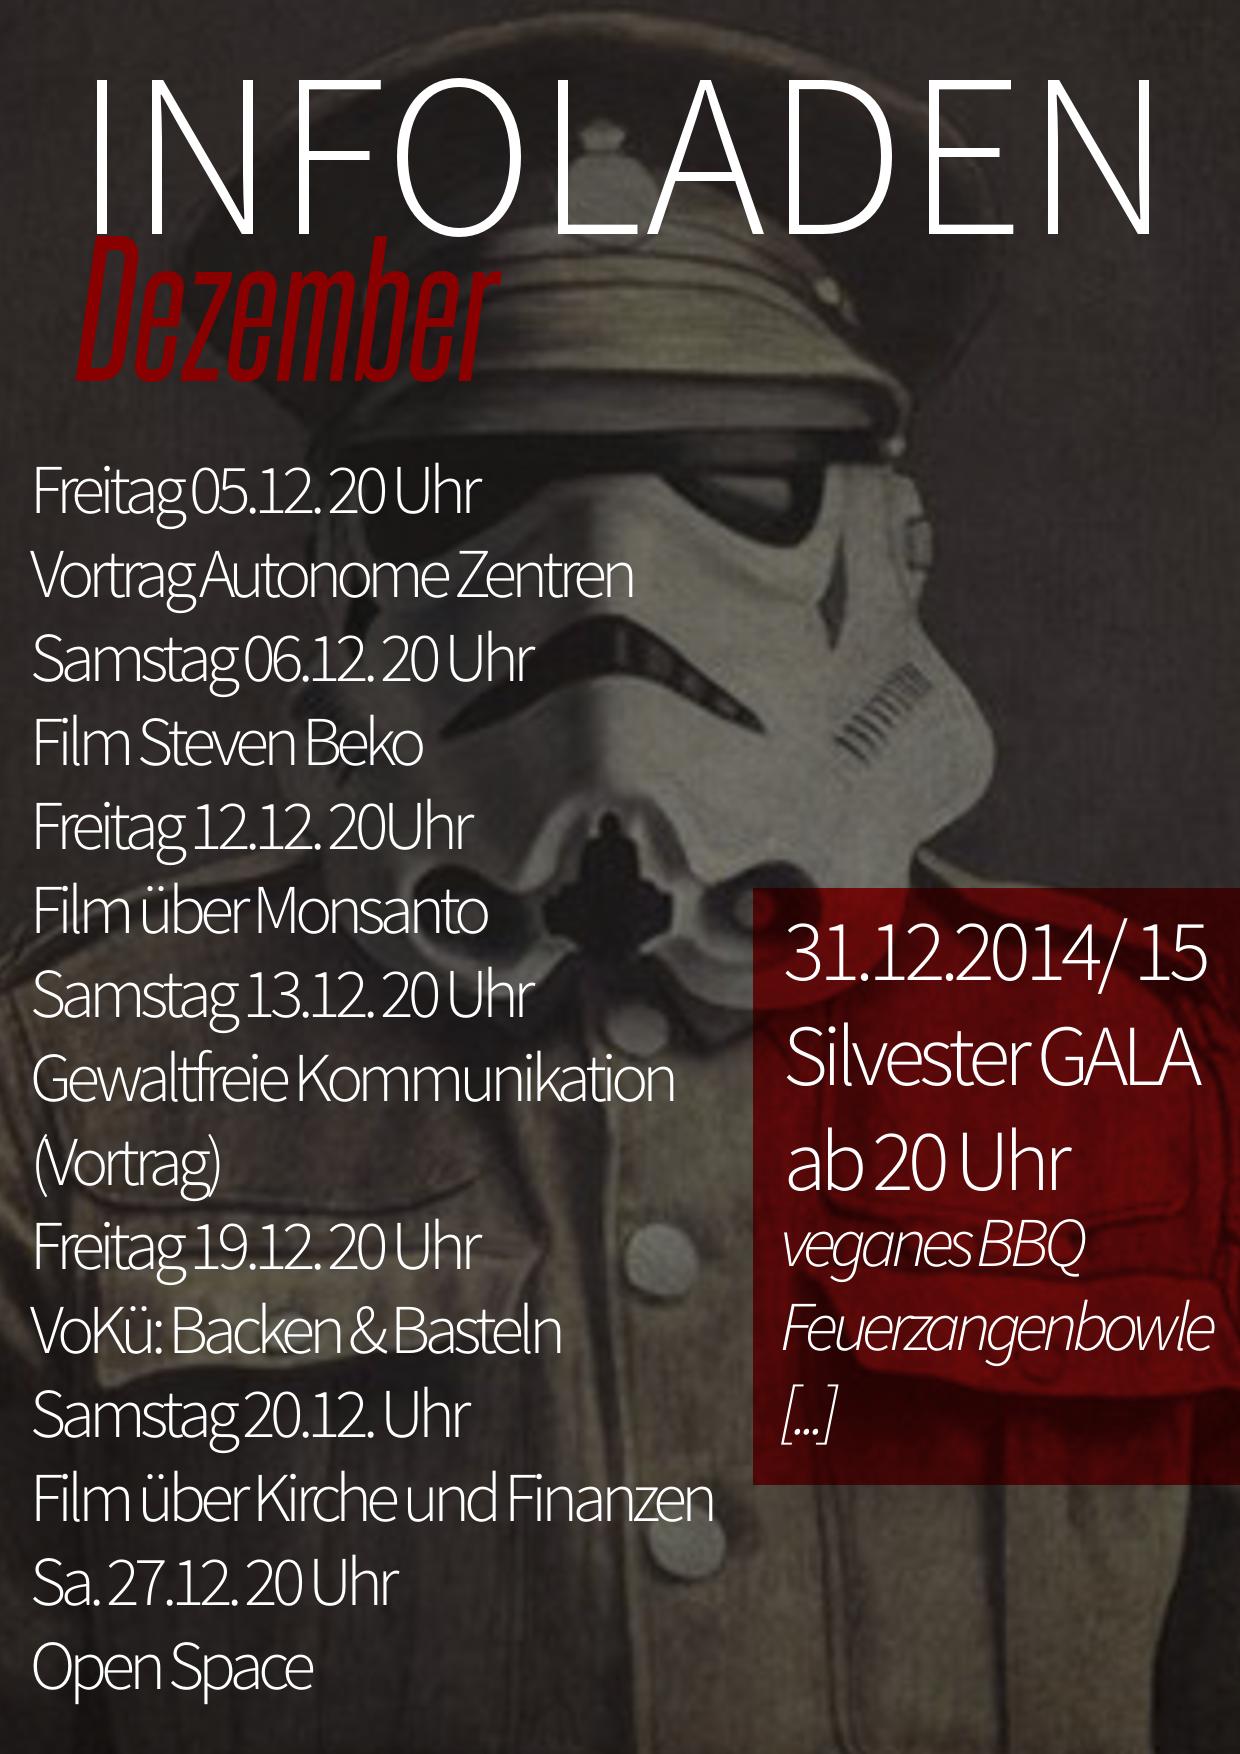 Programm für den Dezember